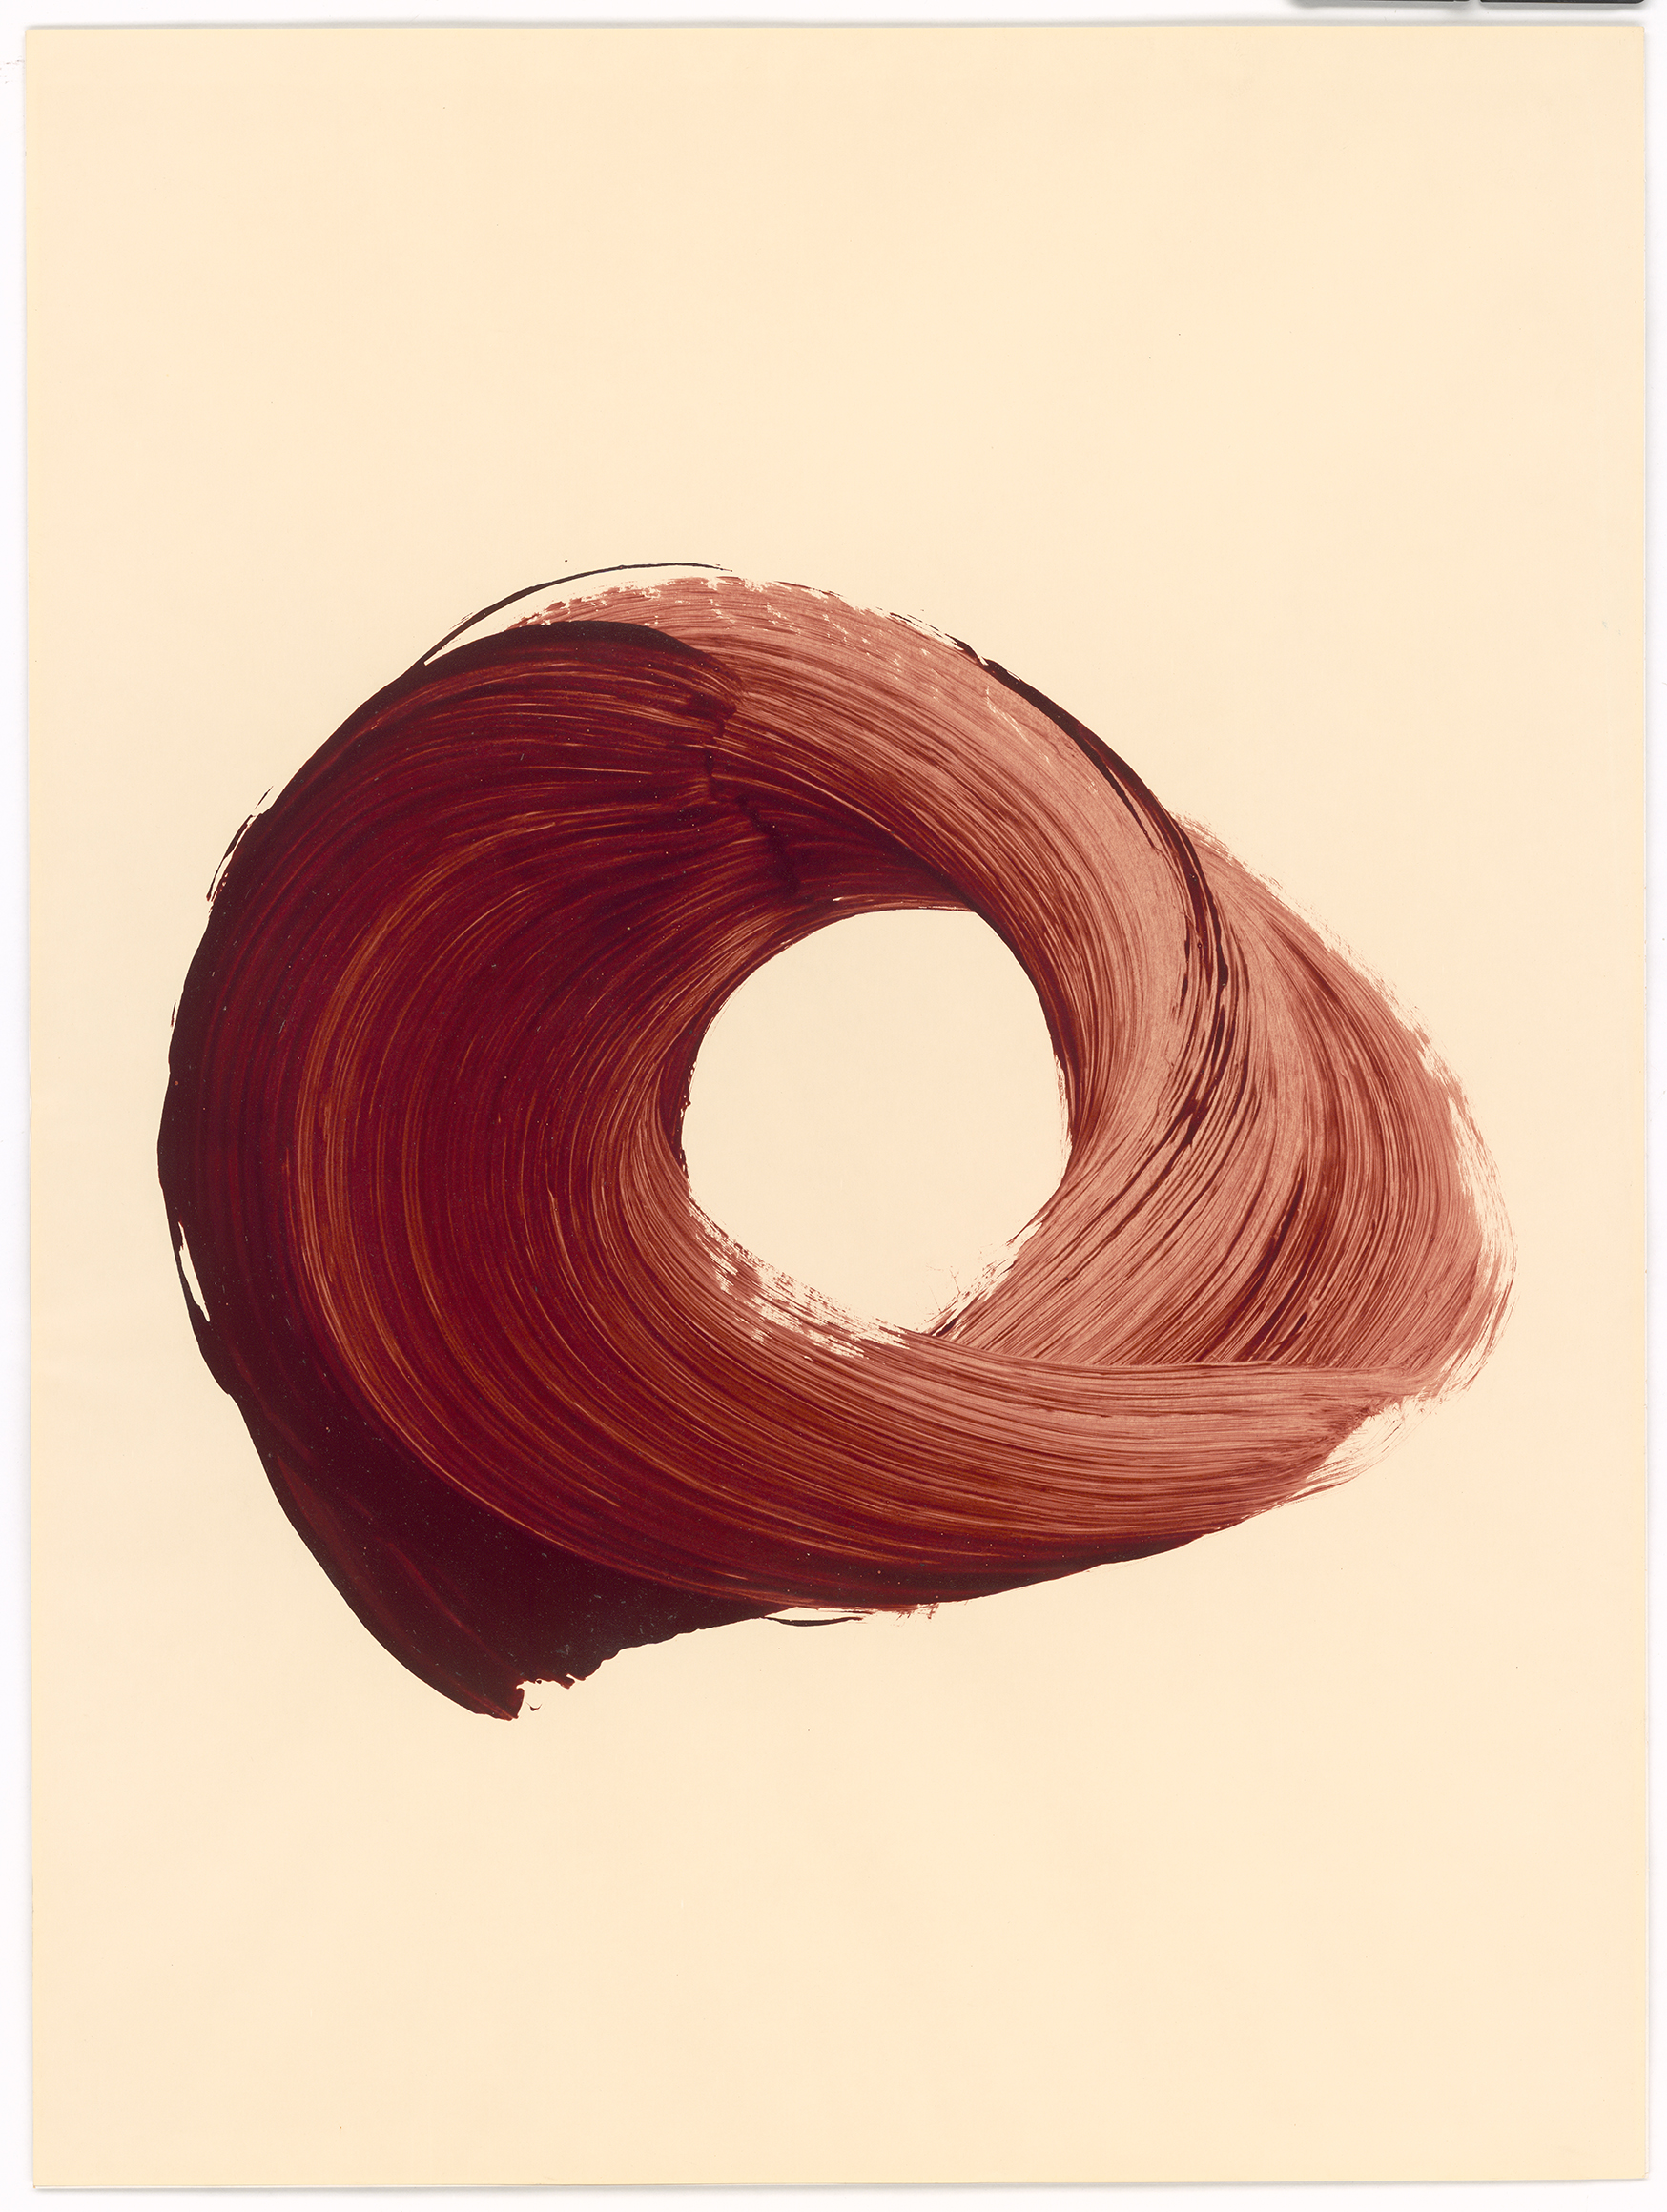 Simone Zeidler. Ohne Titel (Roter Kreis) zweiteilige Arbeit. 1996.